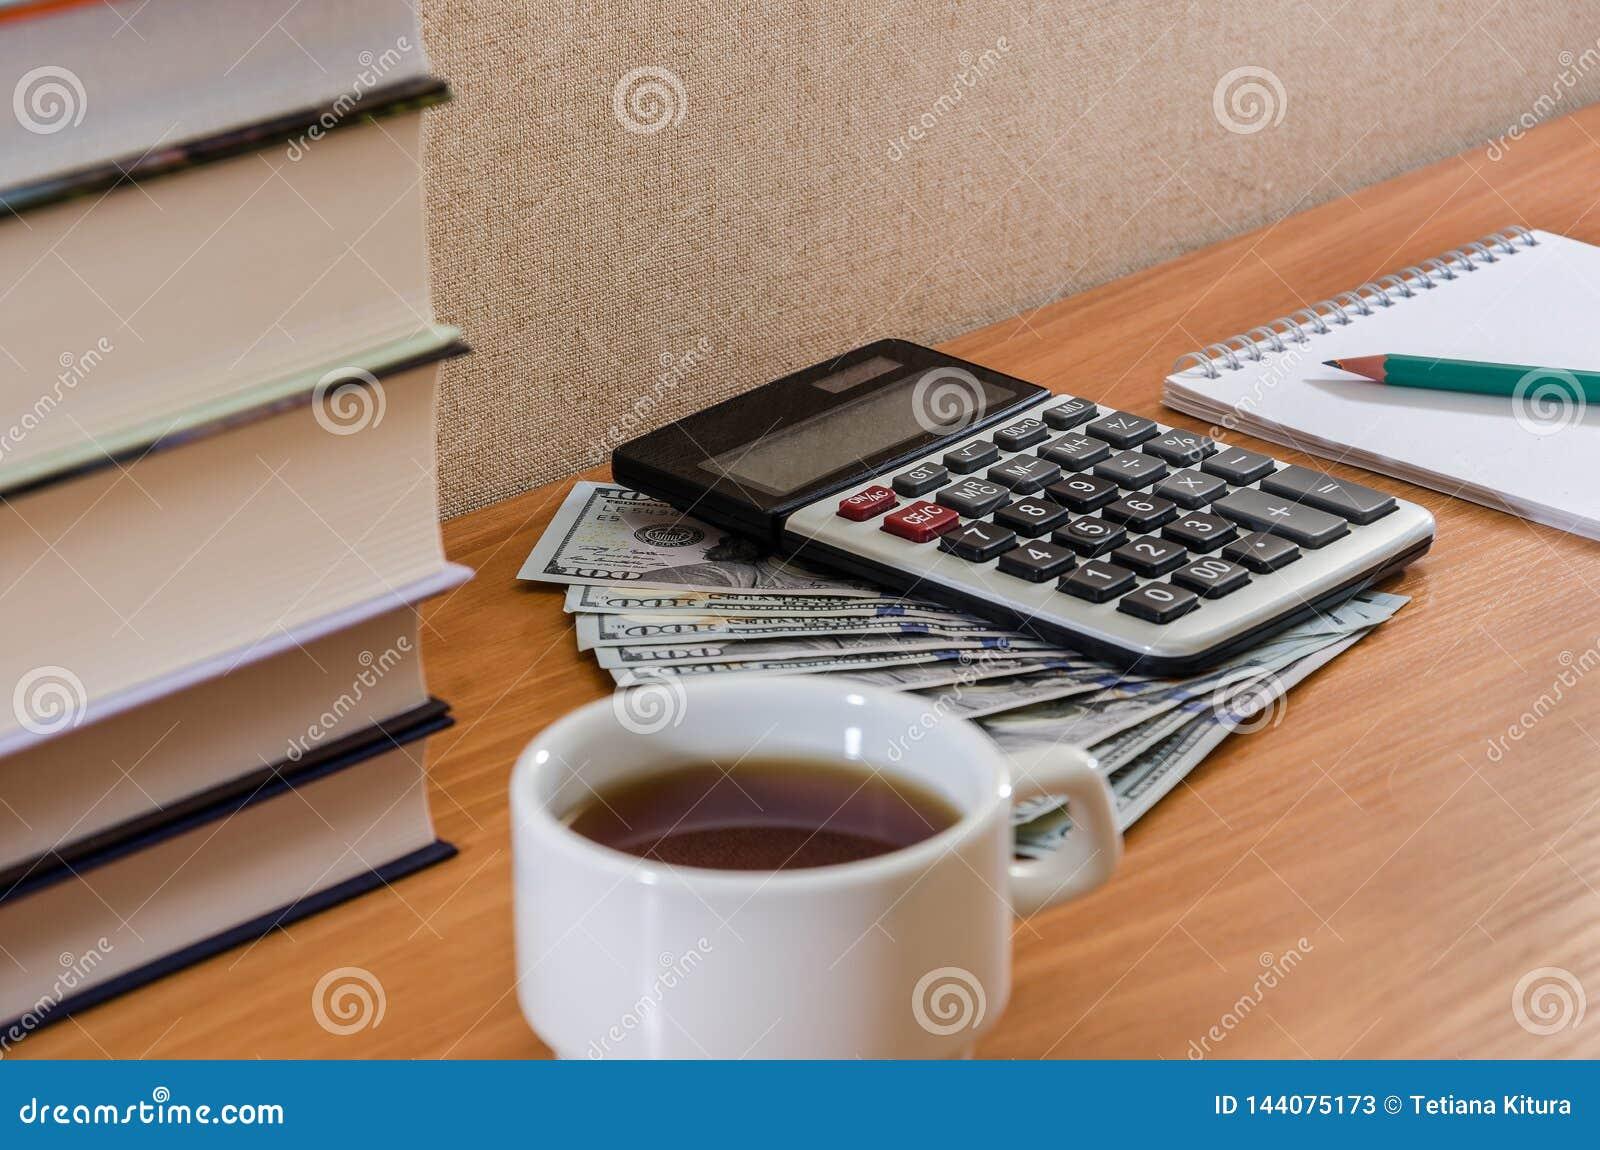 Calculatrice, dollars, bloc-notes et livres sur la table